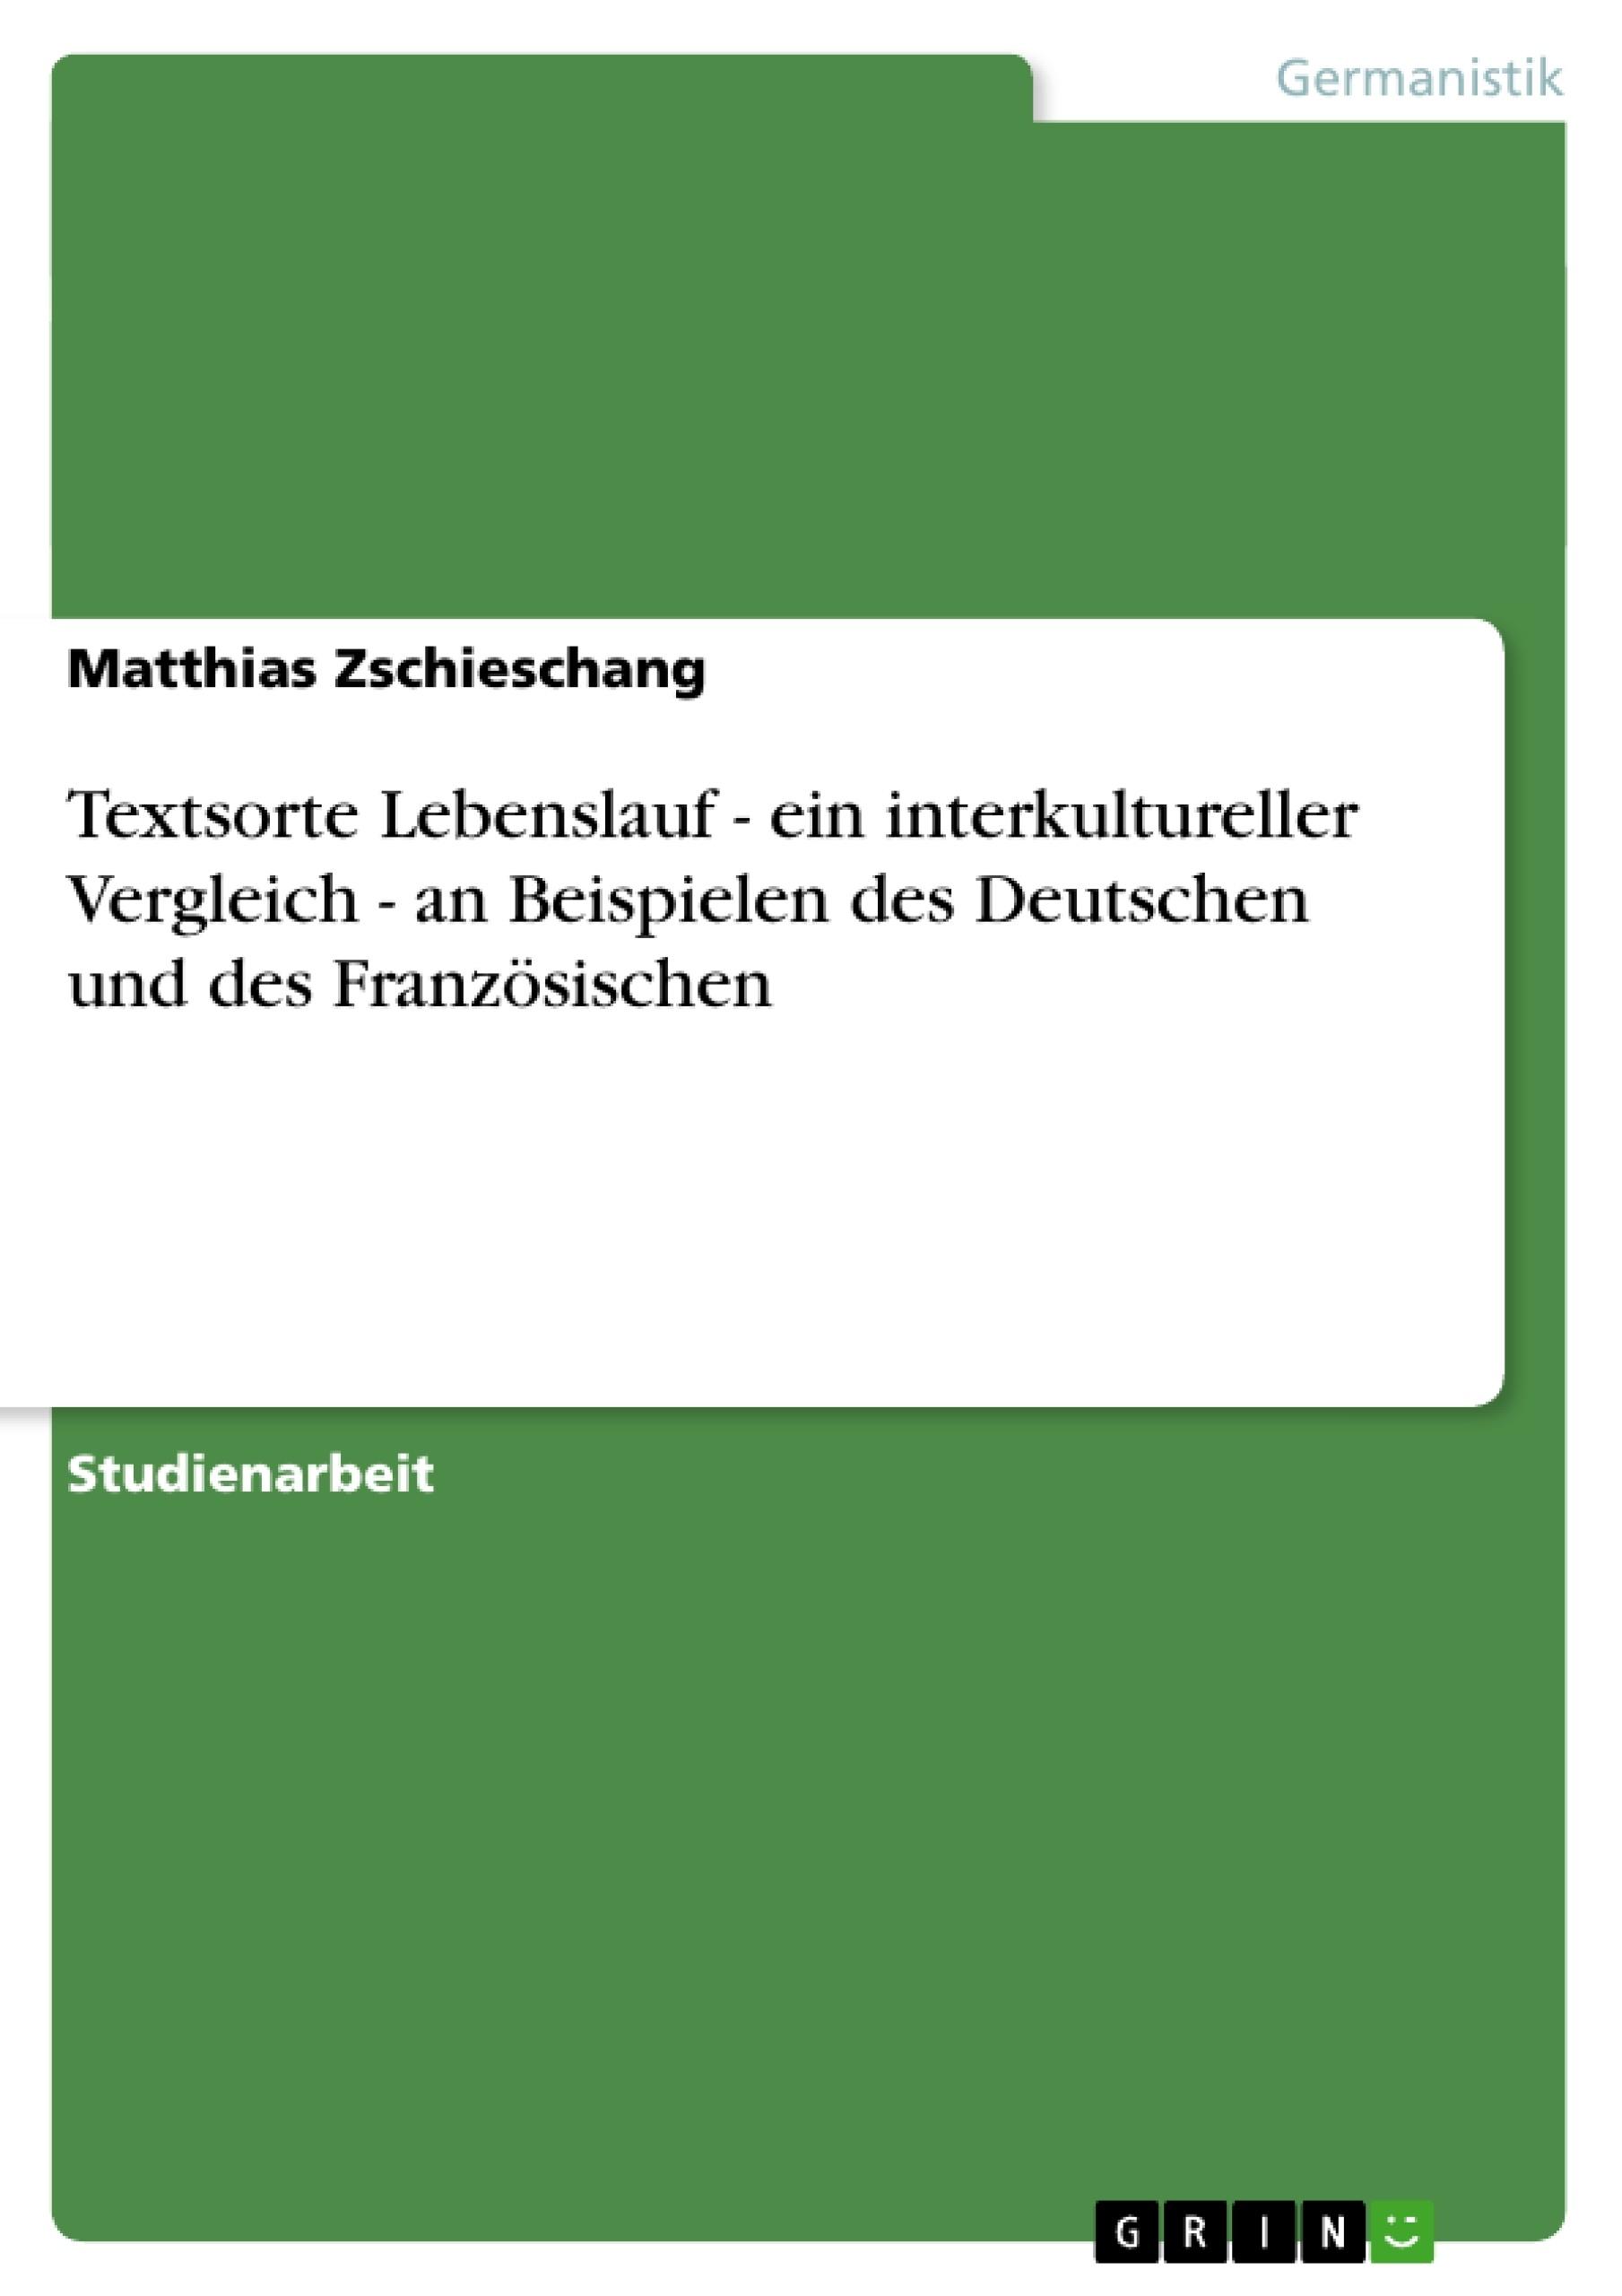 Textsorte Lebenslauf - ein interkultureller Vergleich - an ...